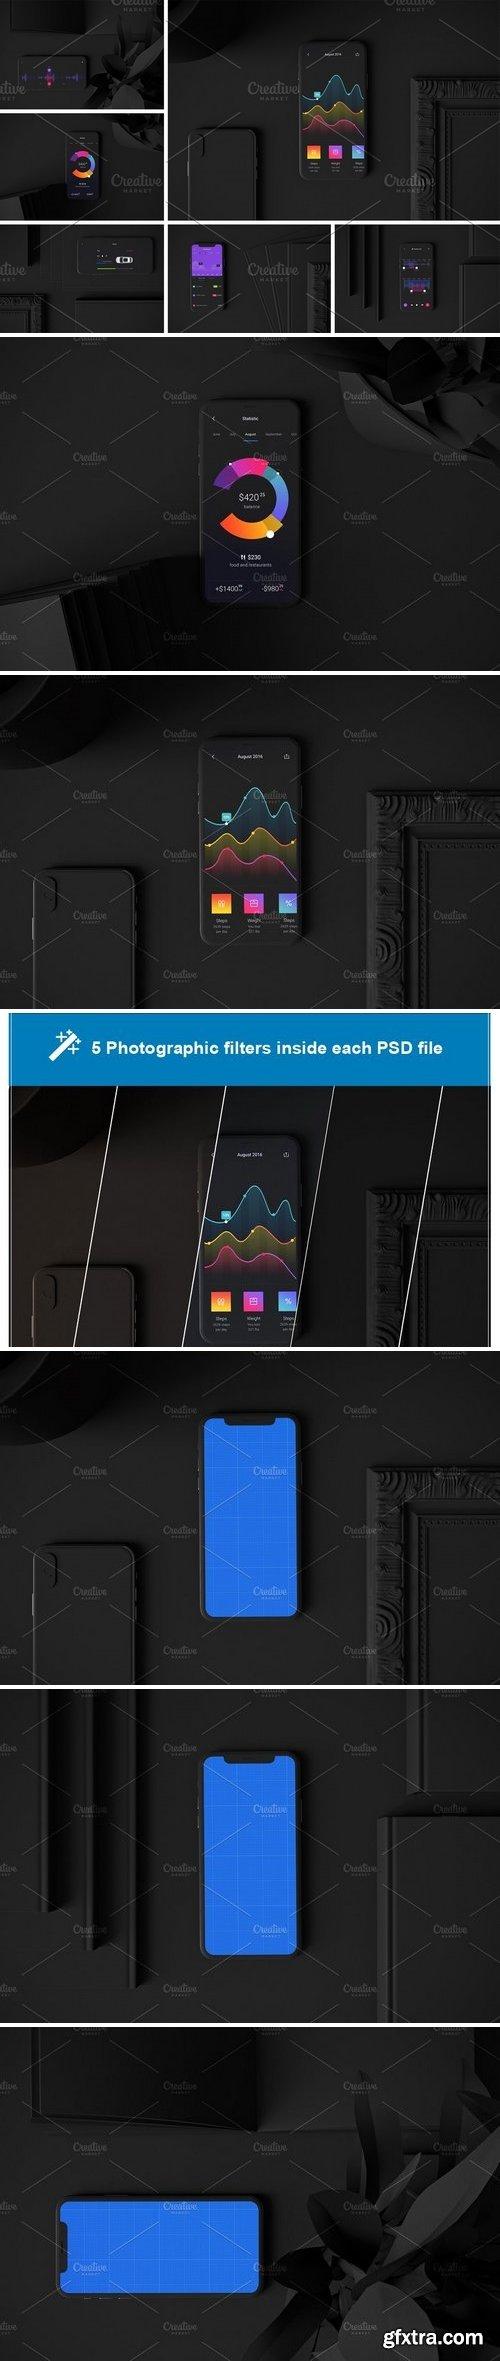 CM - Dark iPhone XS in studio 3113759